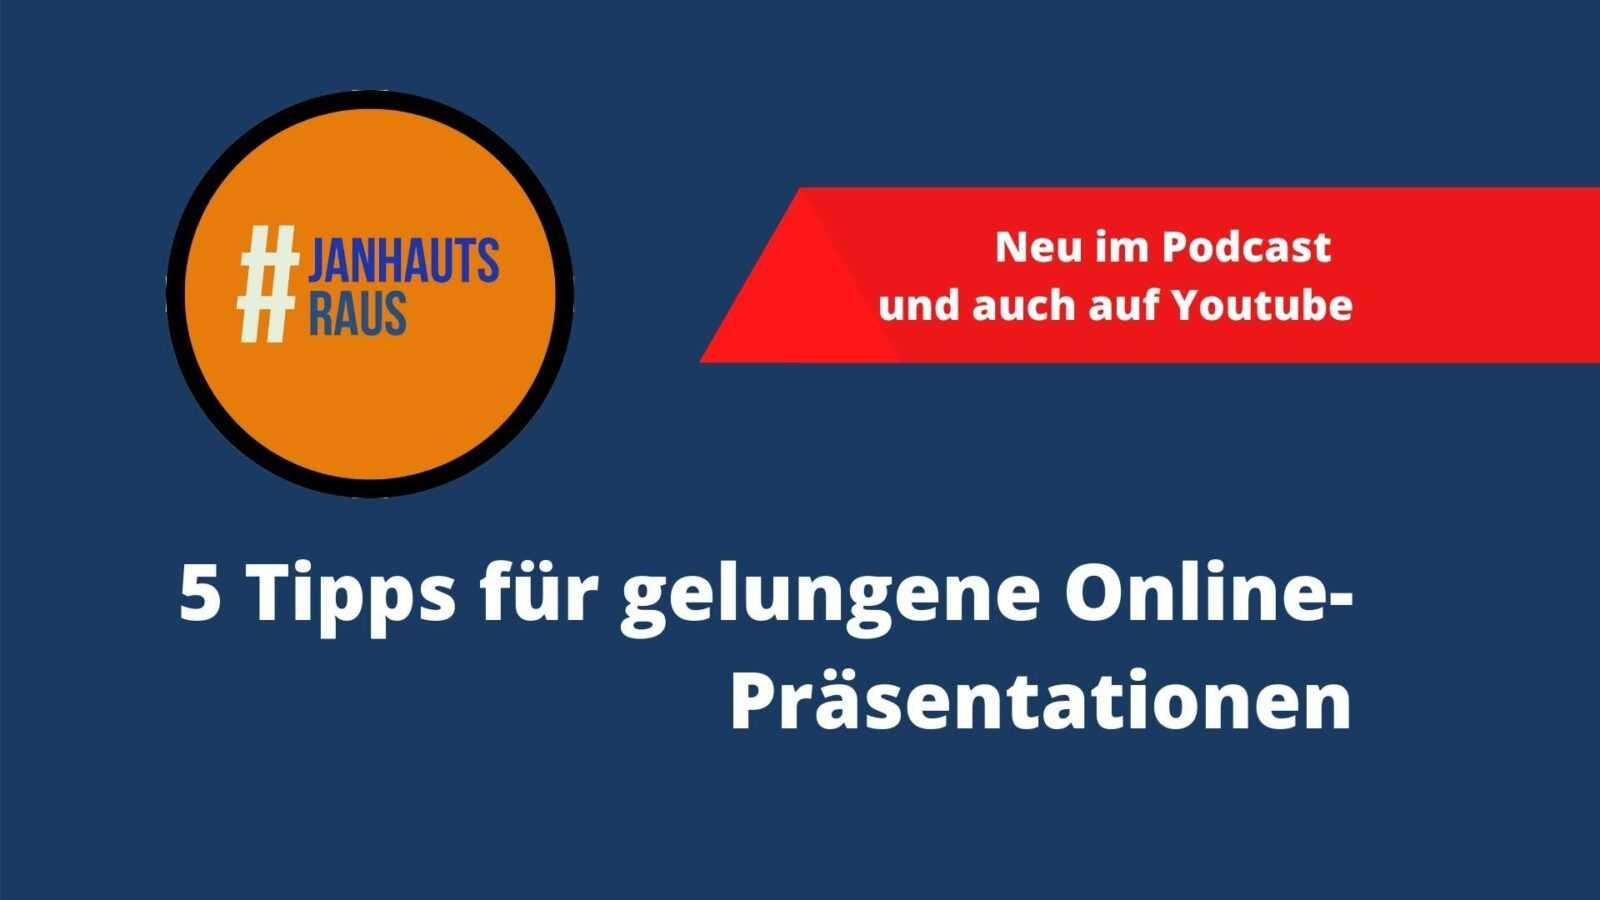 5 Tipps für gelungene Online-Präsentationen